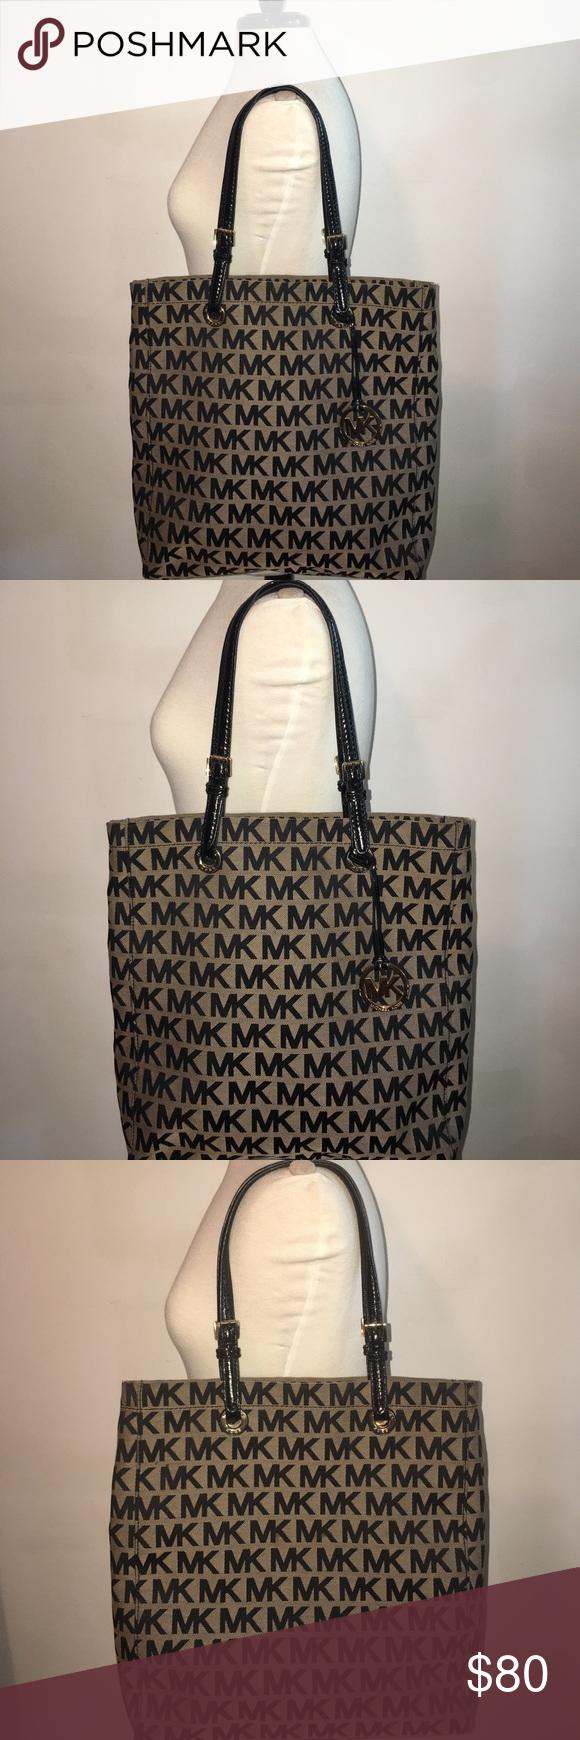 Real Michael Kors Monogram large tote bag. Michael Kors Monogram large tote  bag 399544102941